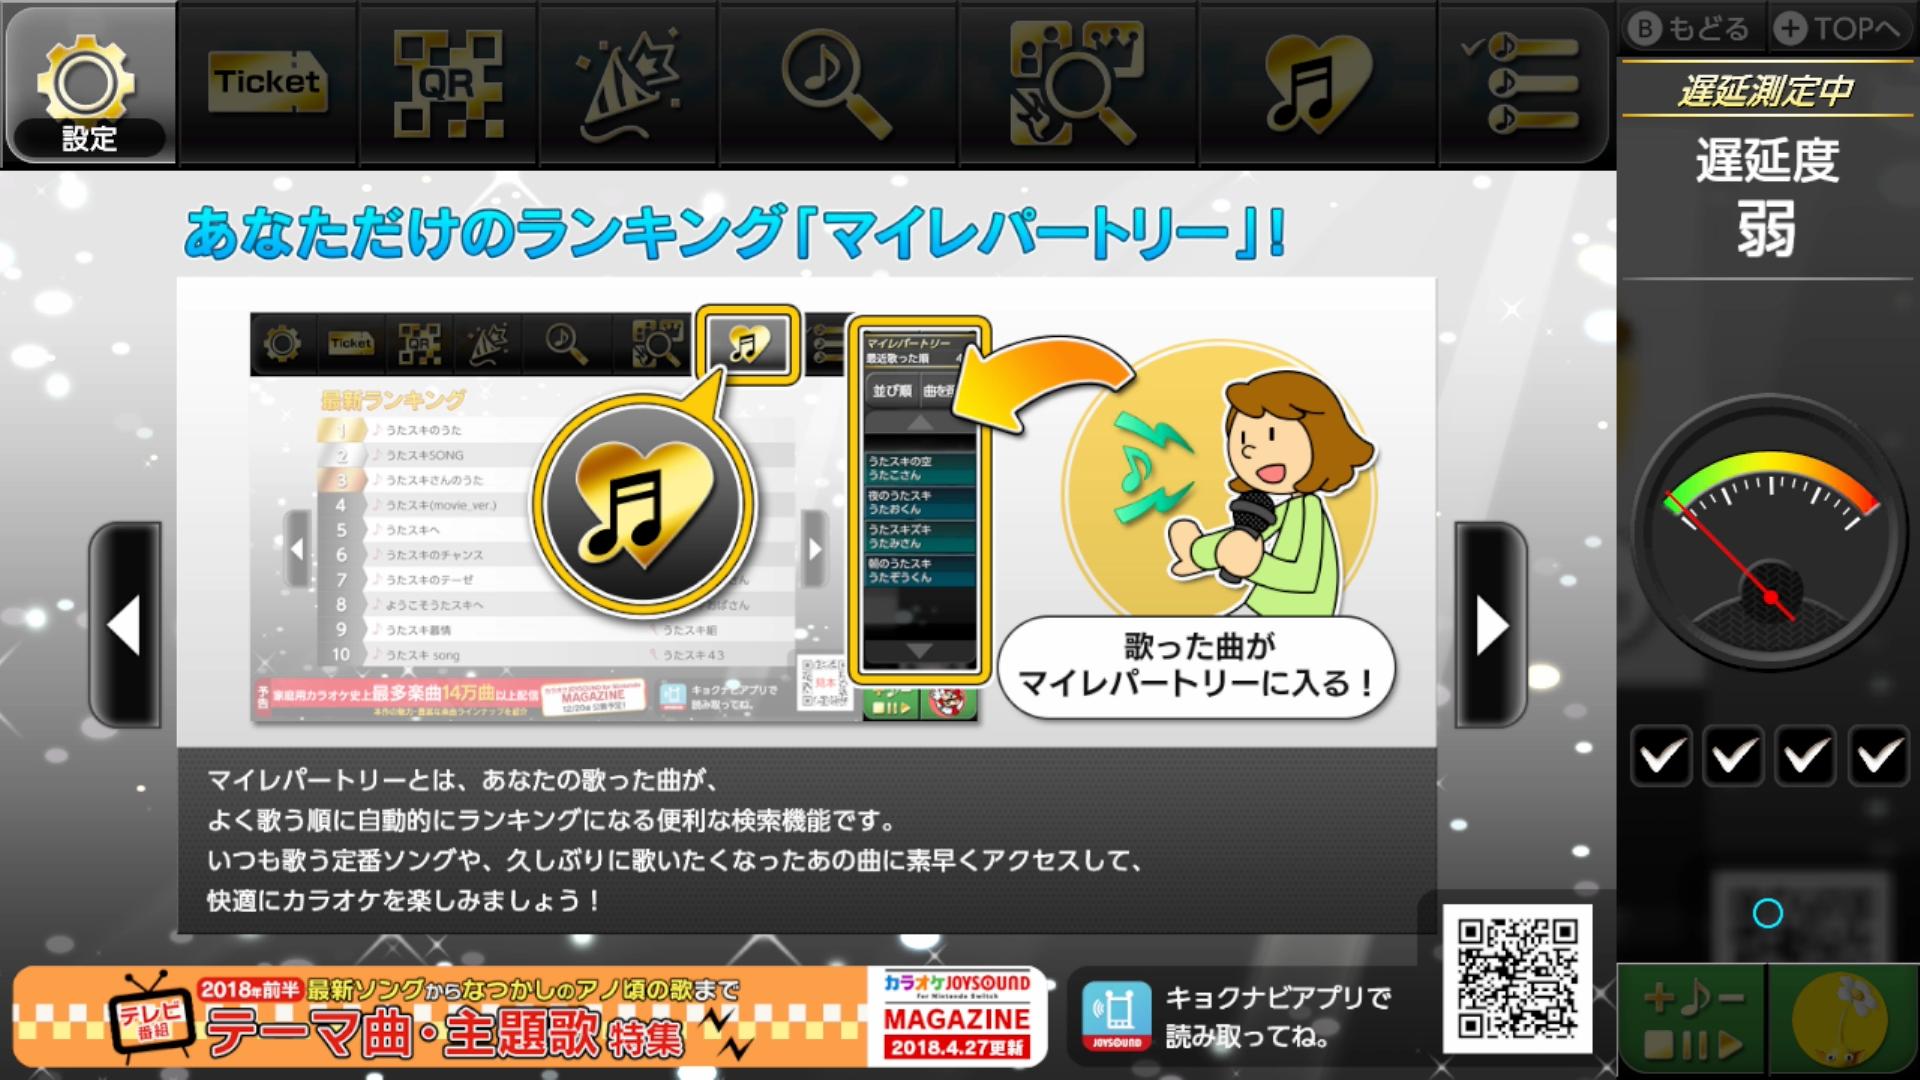 「カラオケJOYSOUND for Nintendo Switch」の遅延チェック